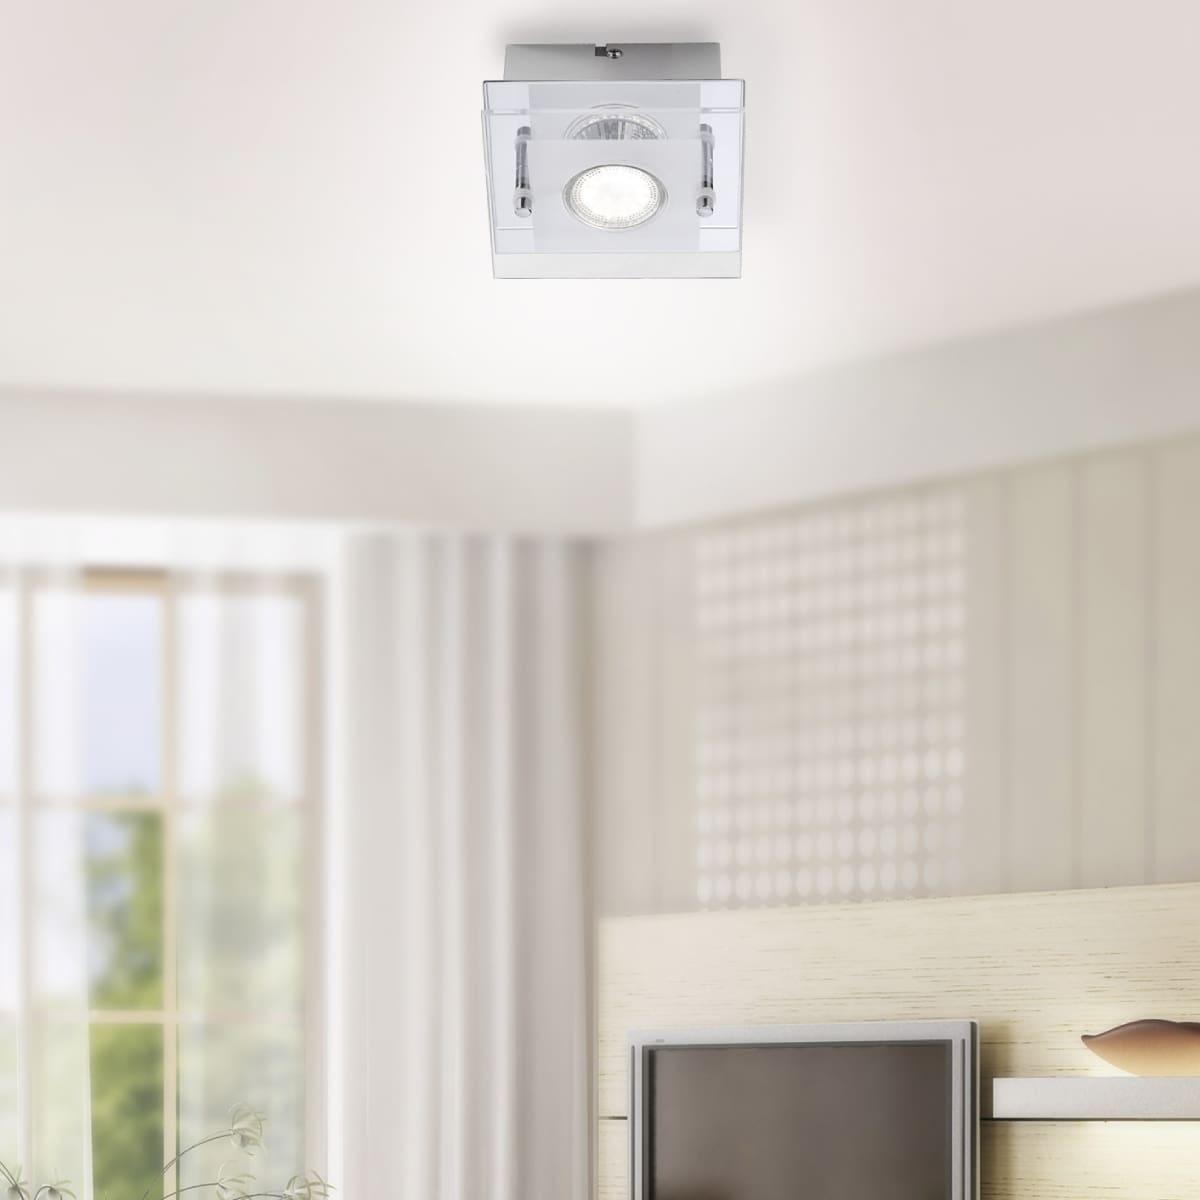 LED-Deckenleuchte in Chrom und quadratisch mit warmweißer Lichtfarbe und strahlt ein blendfreies Licht